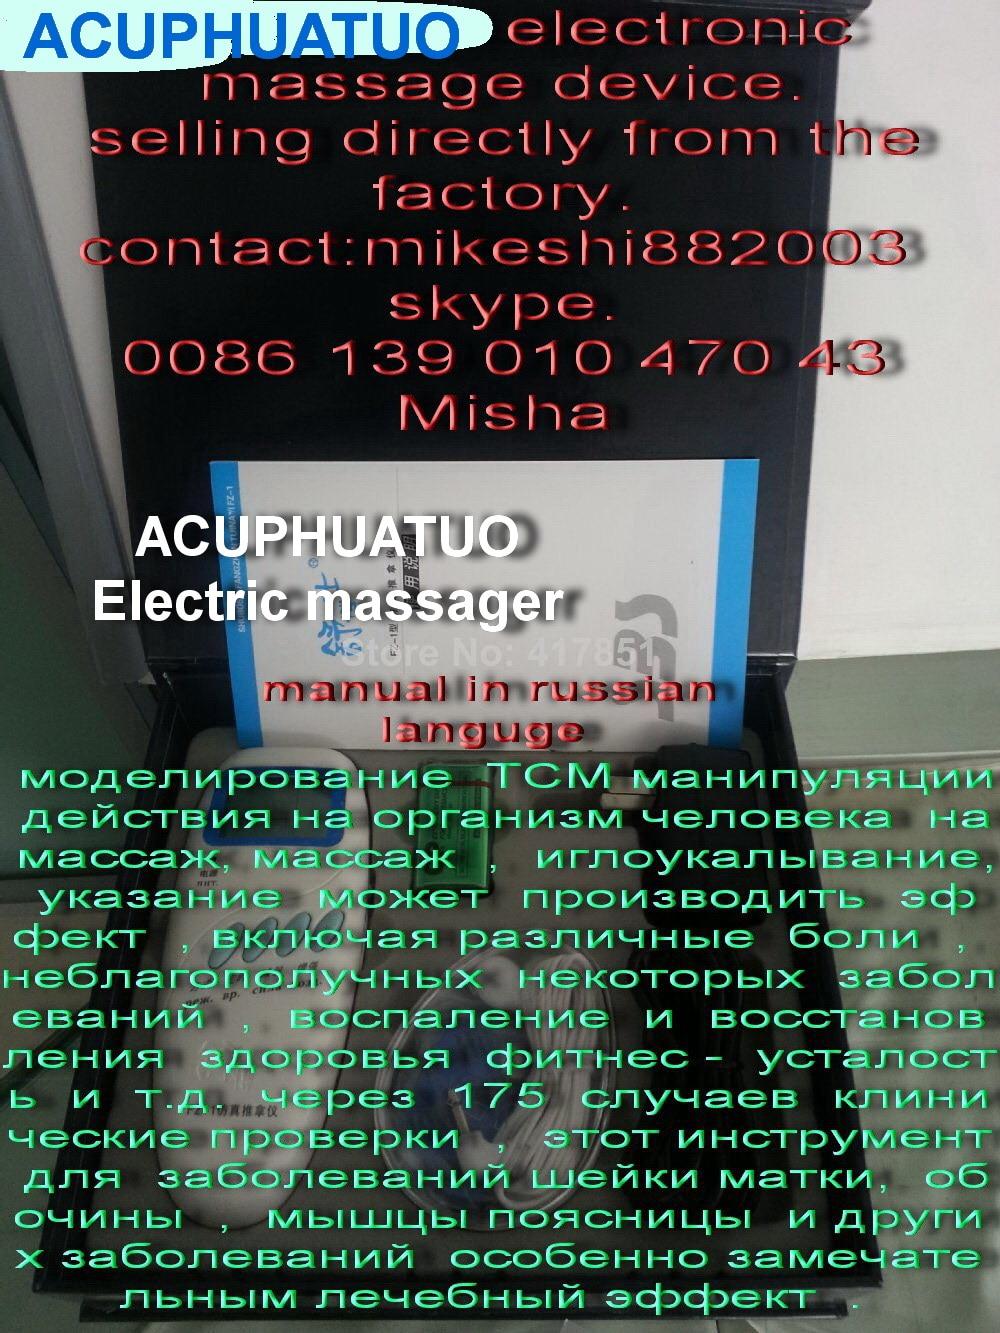 HTB1Hs7_SYvpK1RjSZFqq6AXUVXaY